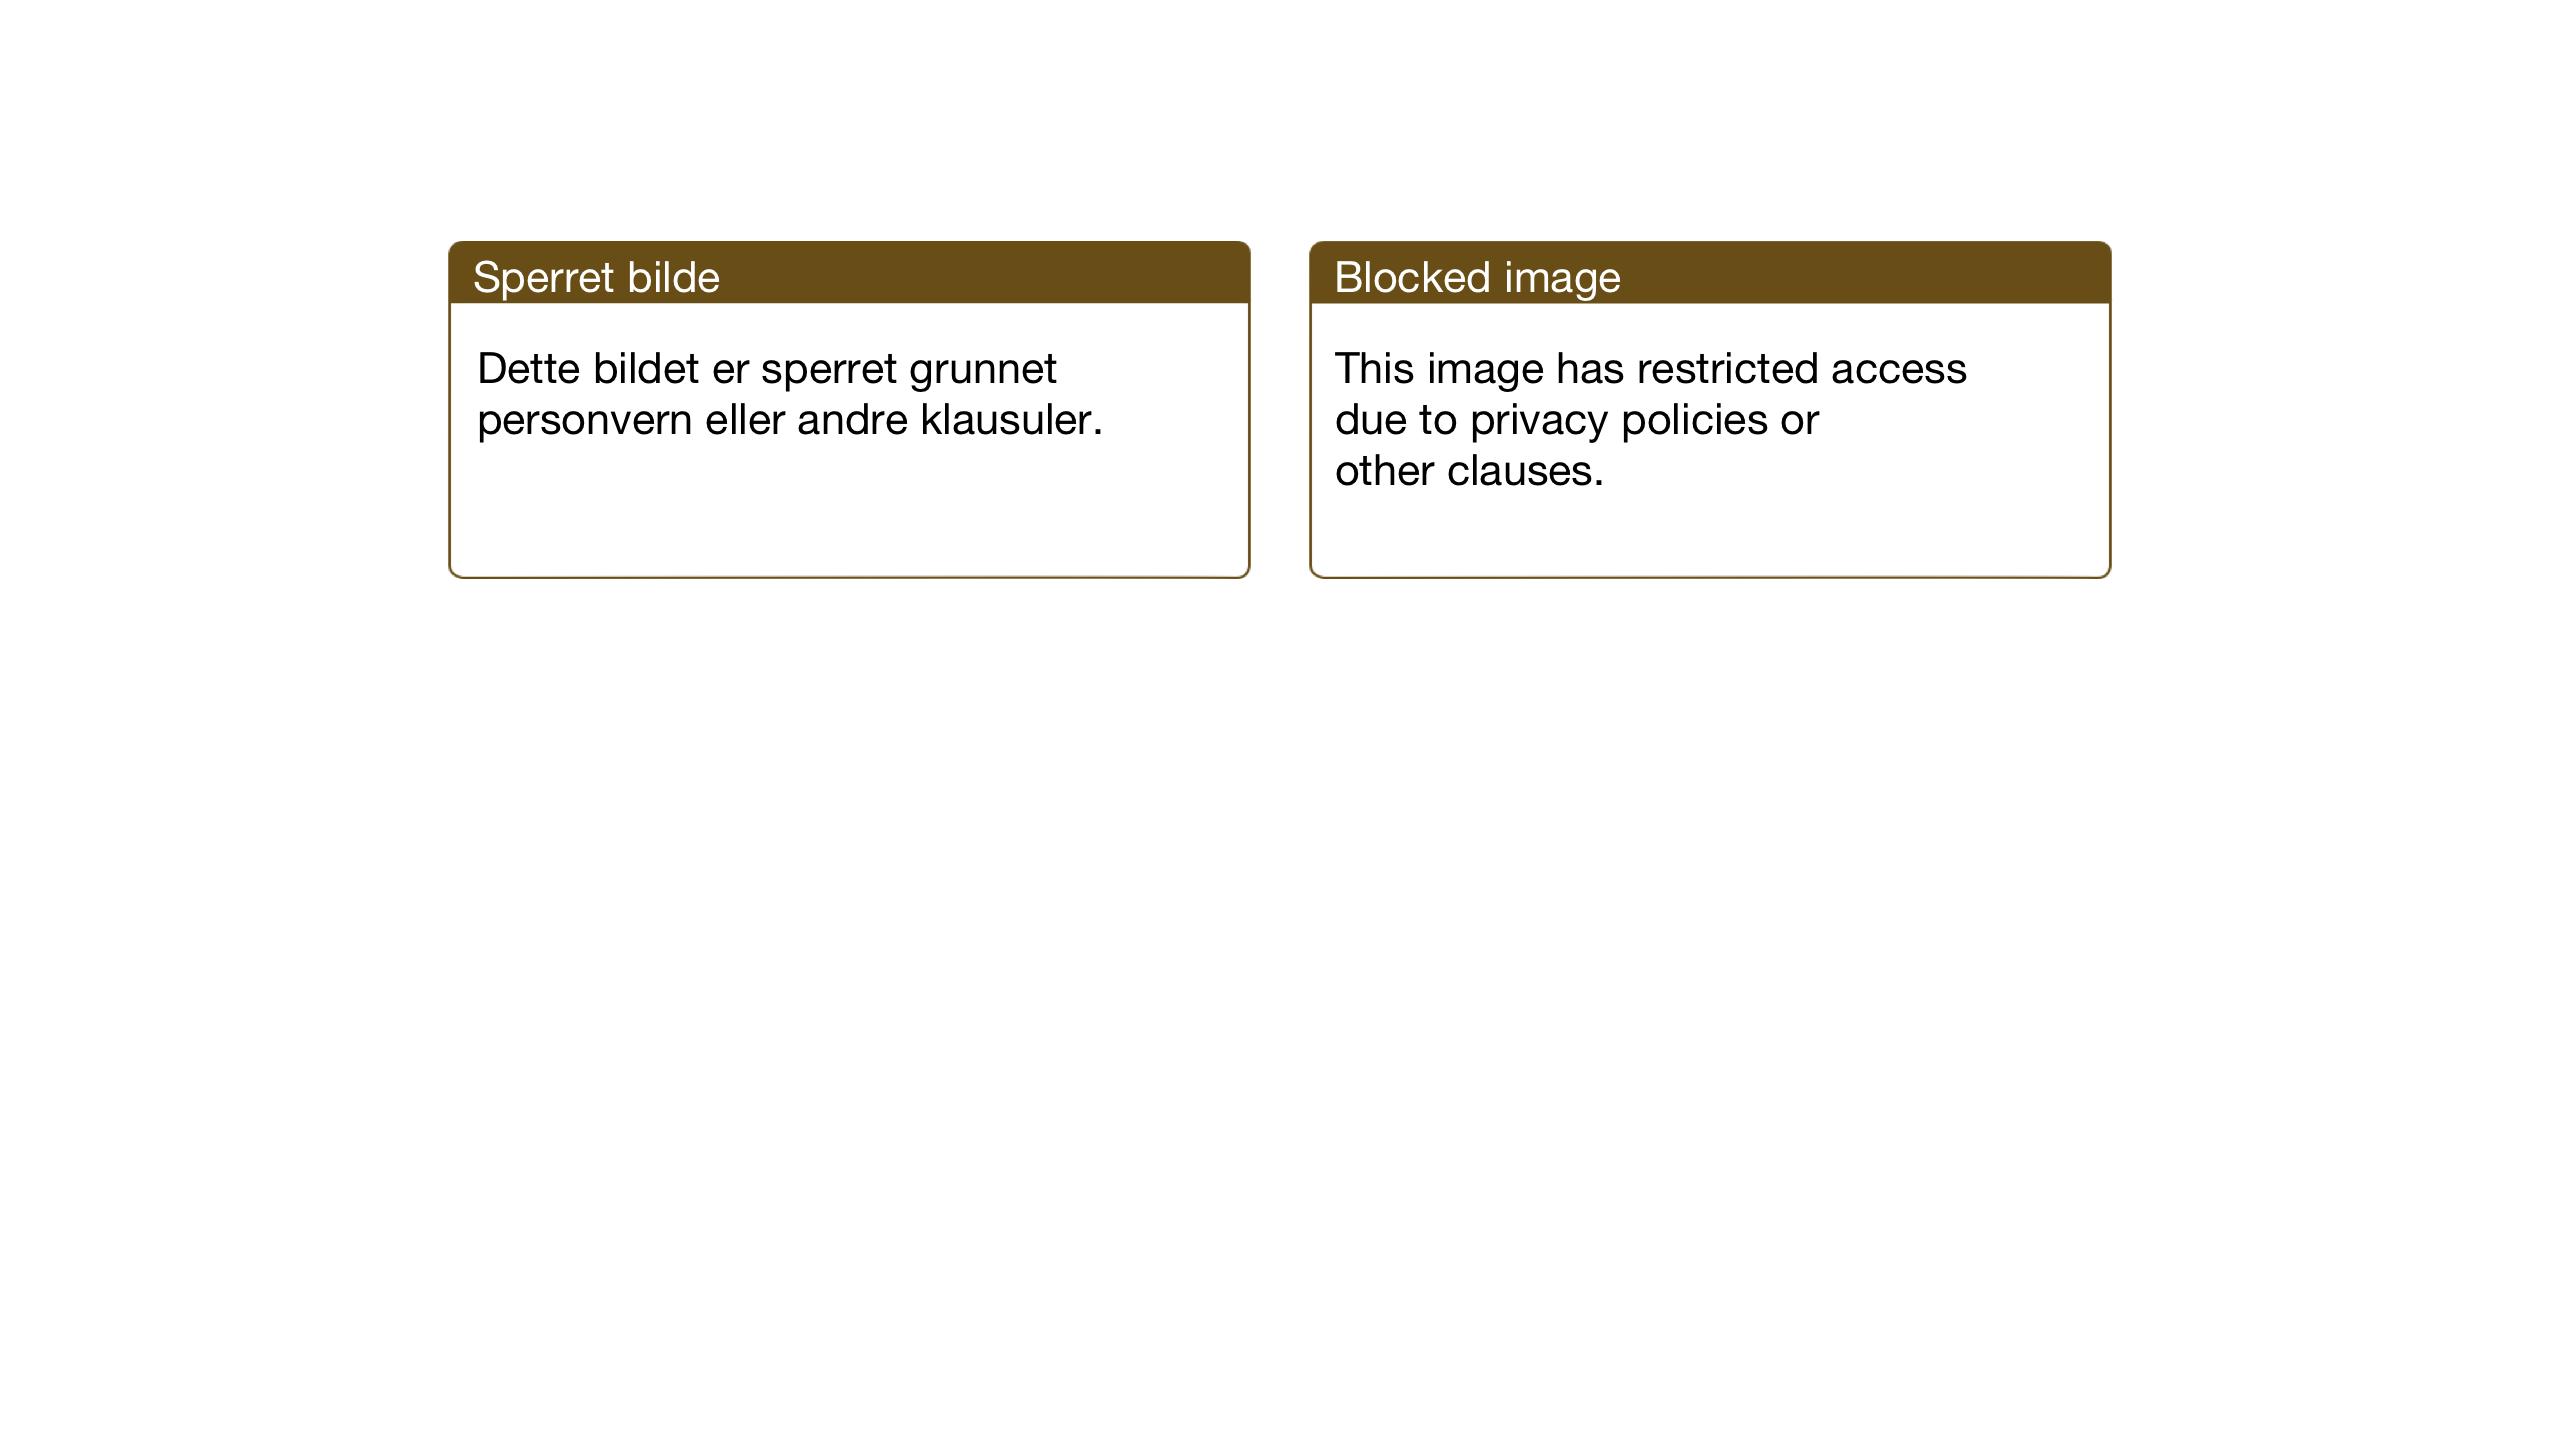 SAT, Ministerialprotokoller, klokkerbøker og fødselsregistre - Nord-Trøndelag, 774/L0631: Klokkerbok nr. 774C02, 1934-1950, s. 127